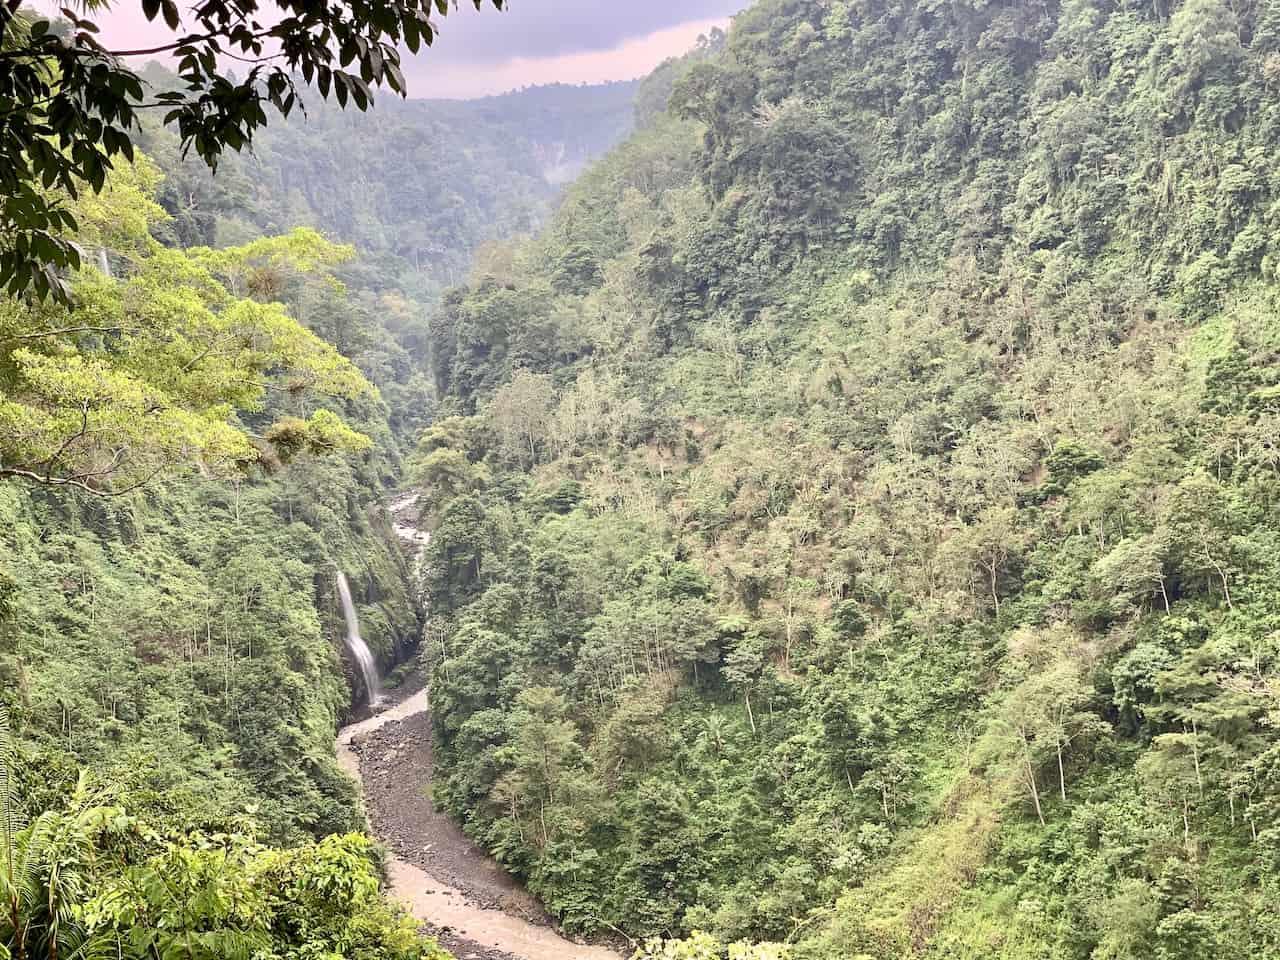 Kabut Pelangi Valley